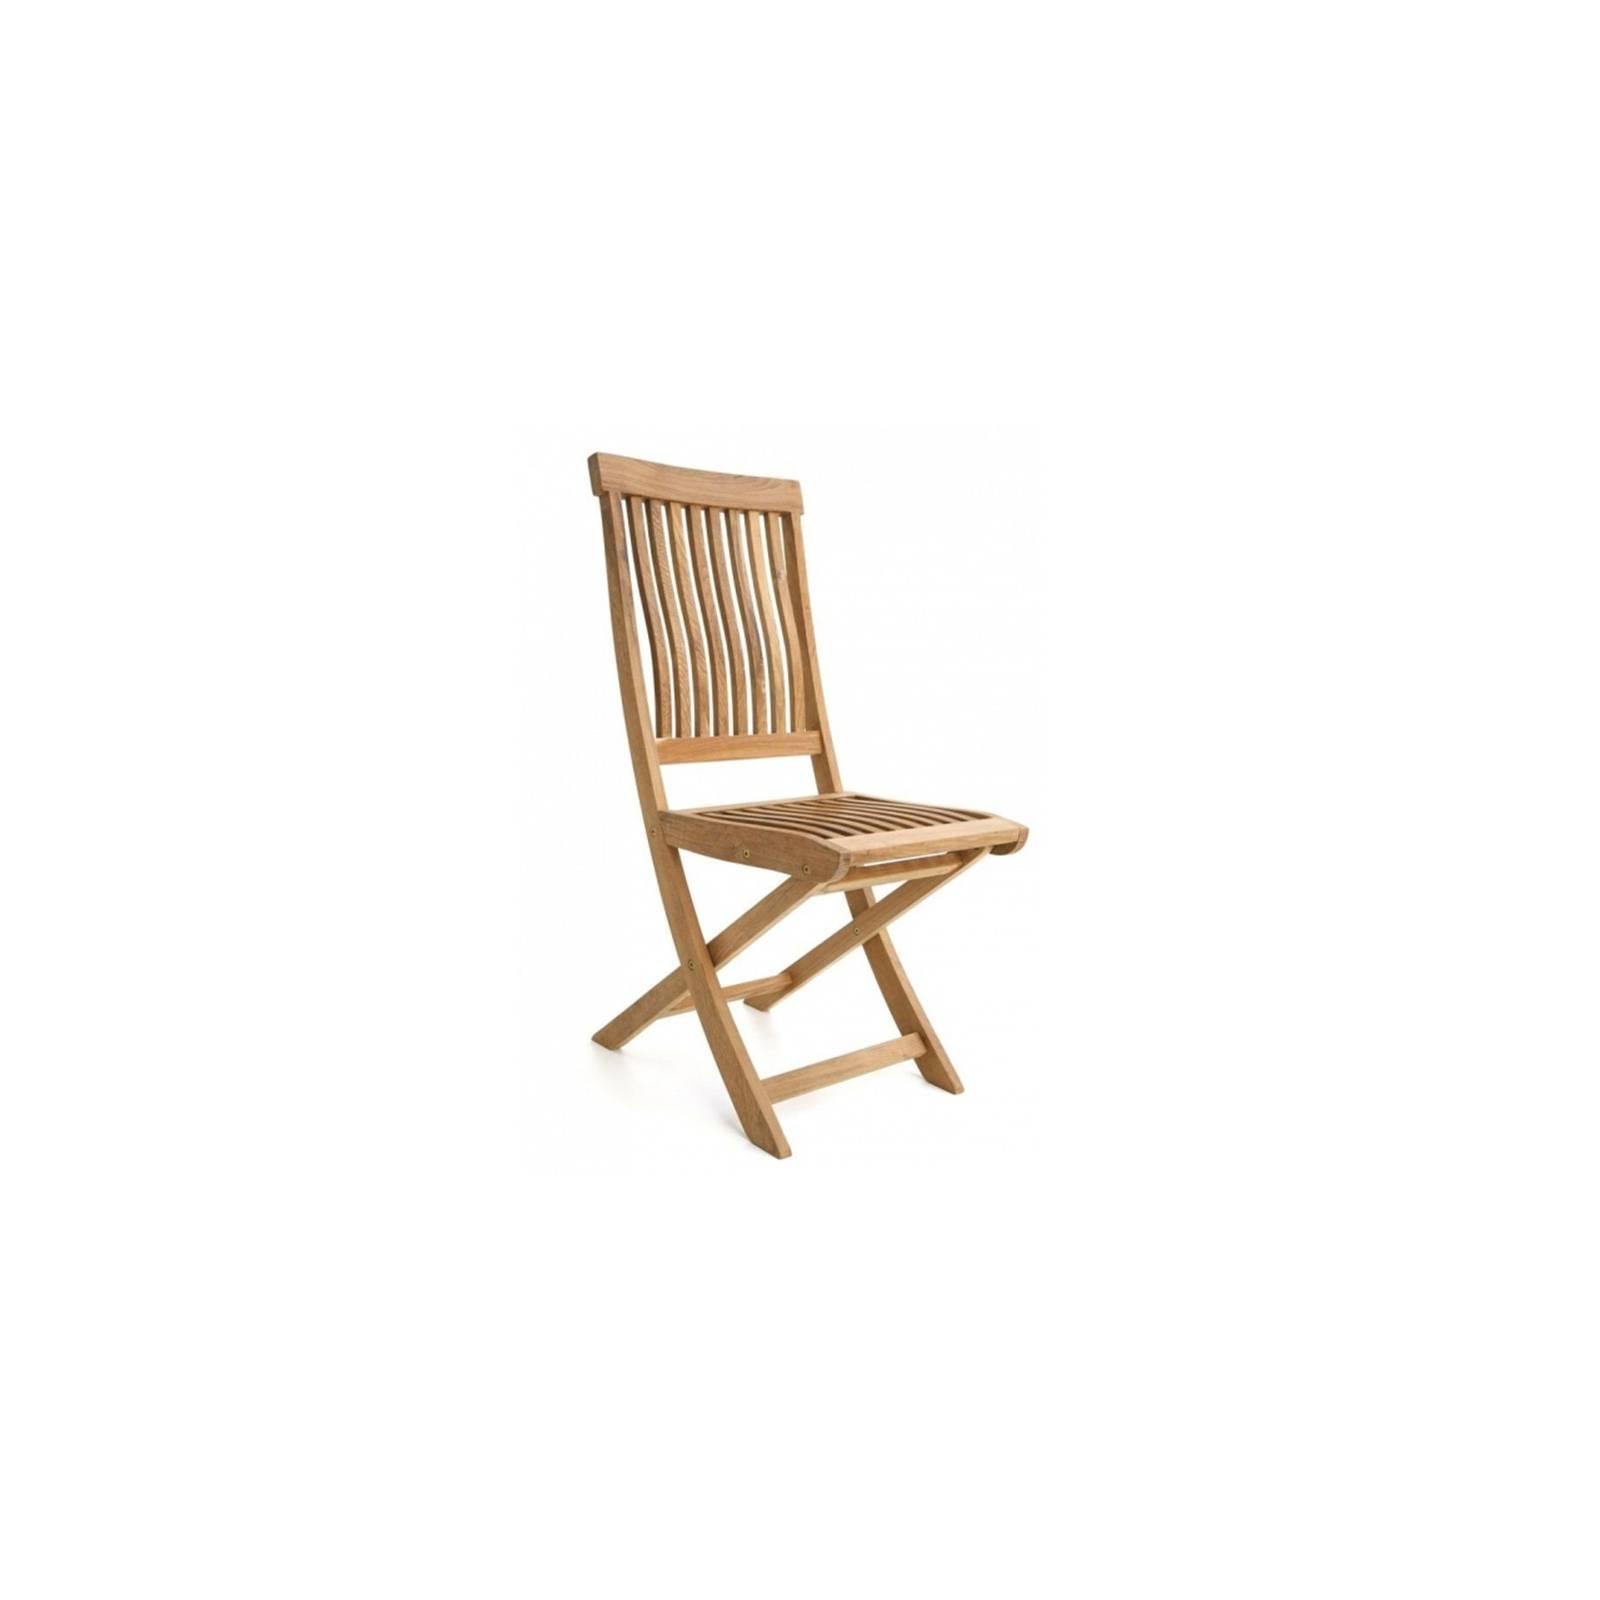 Chaise De Jardin Taman Teck Recyclé - meuble de jardin